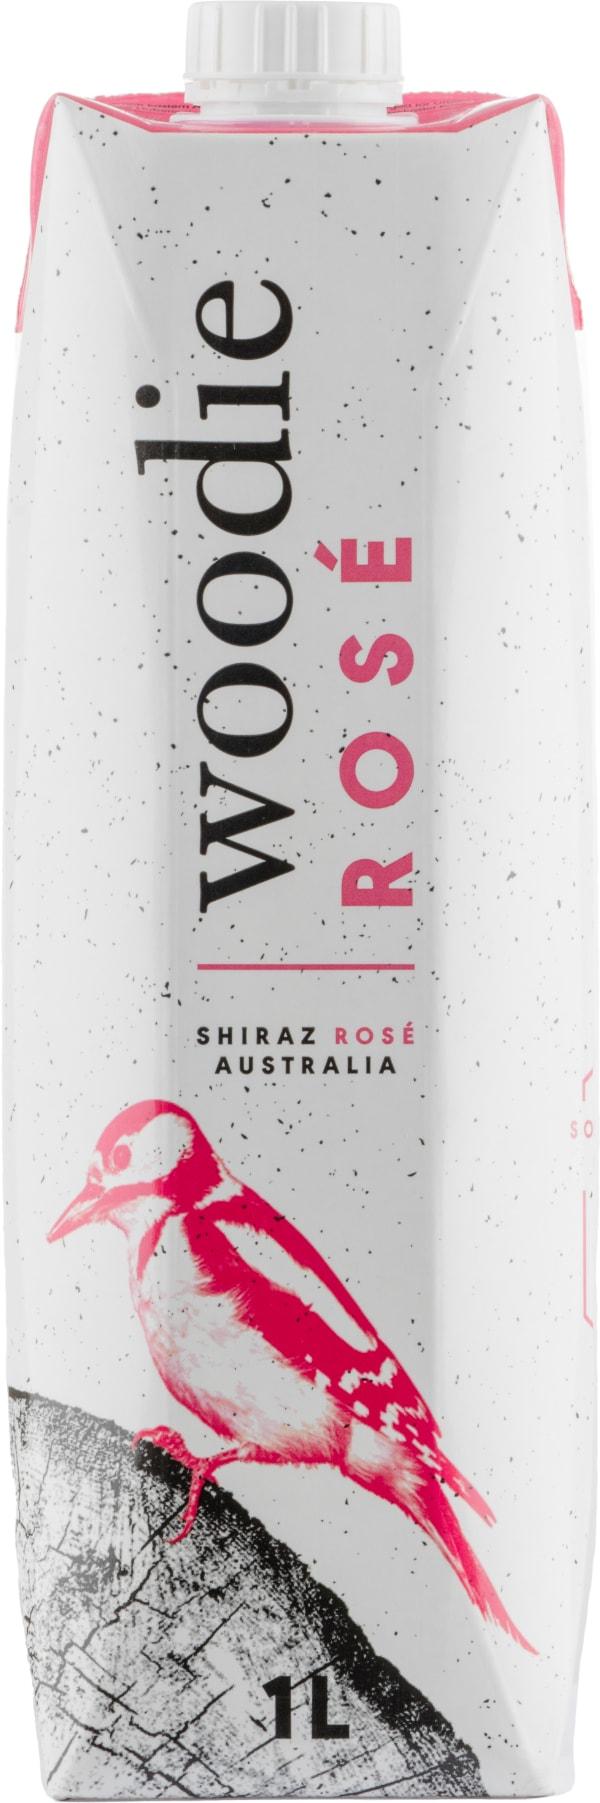 Woodie Rosé 2018 kartongförpackning